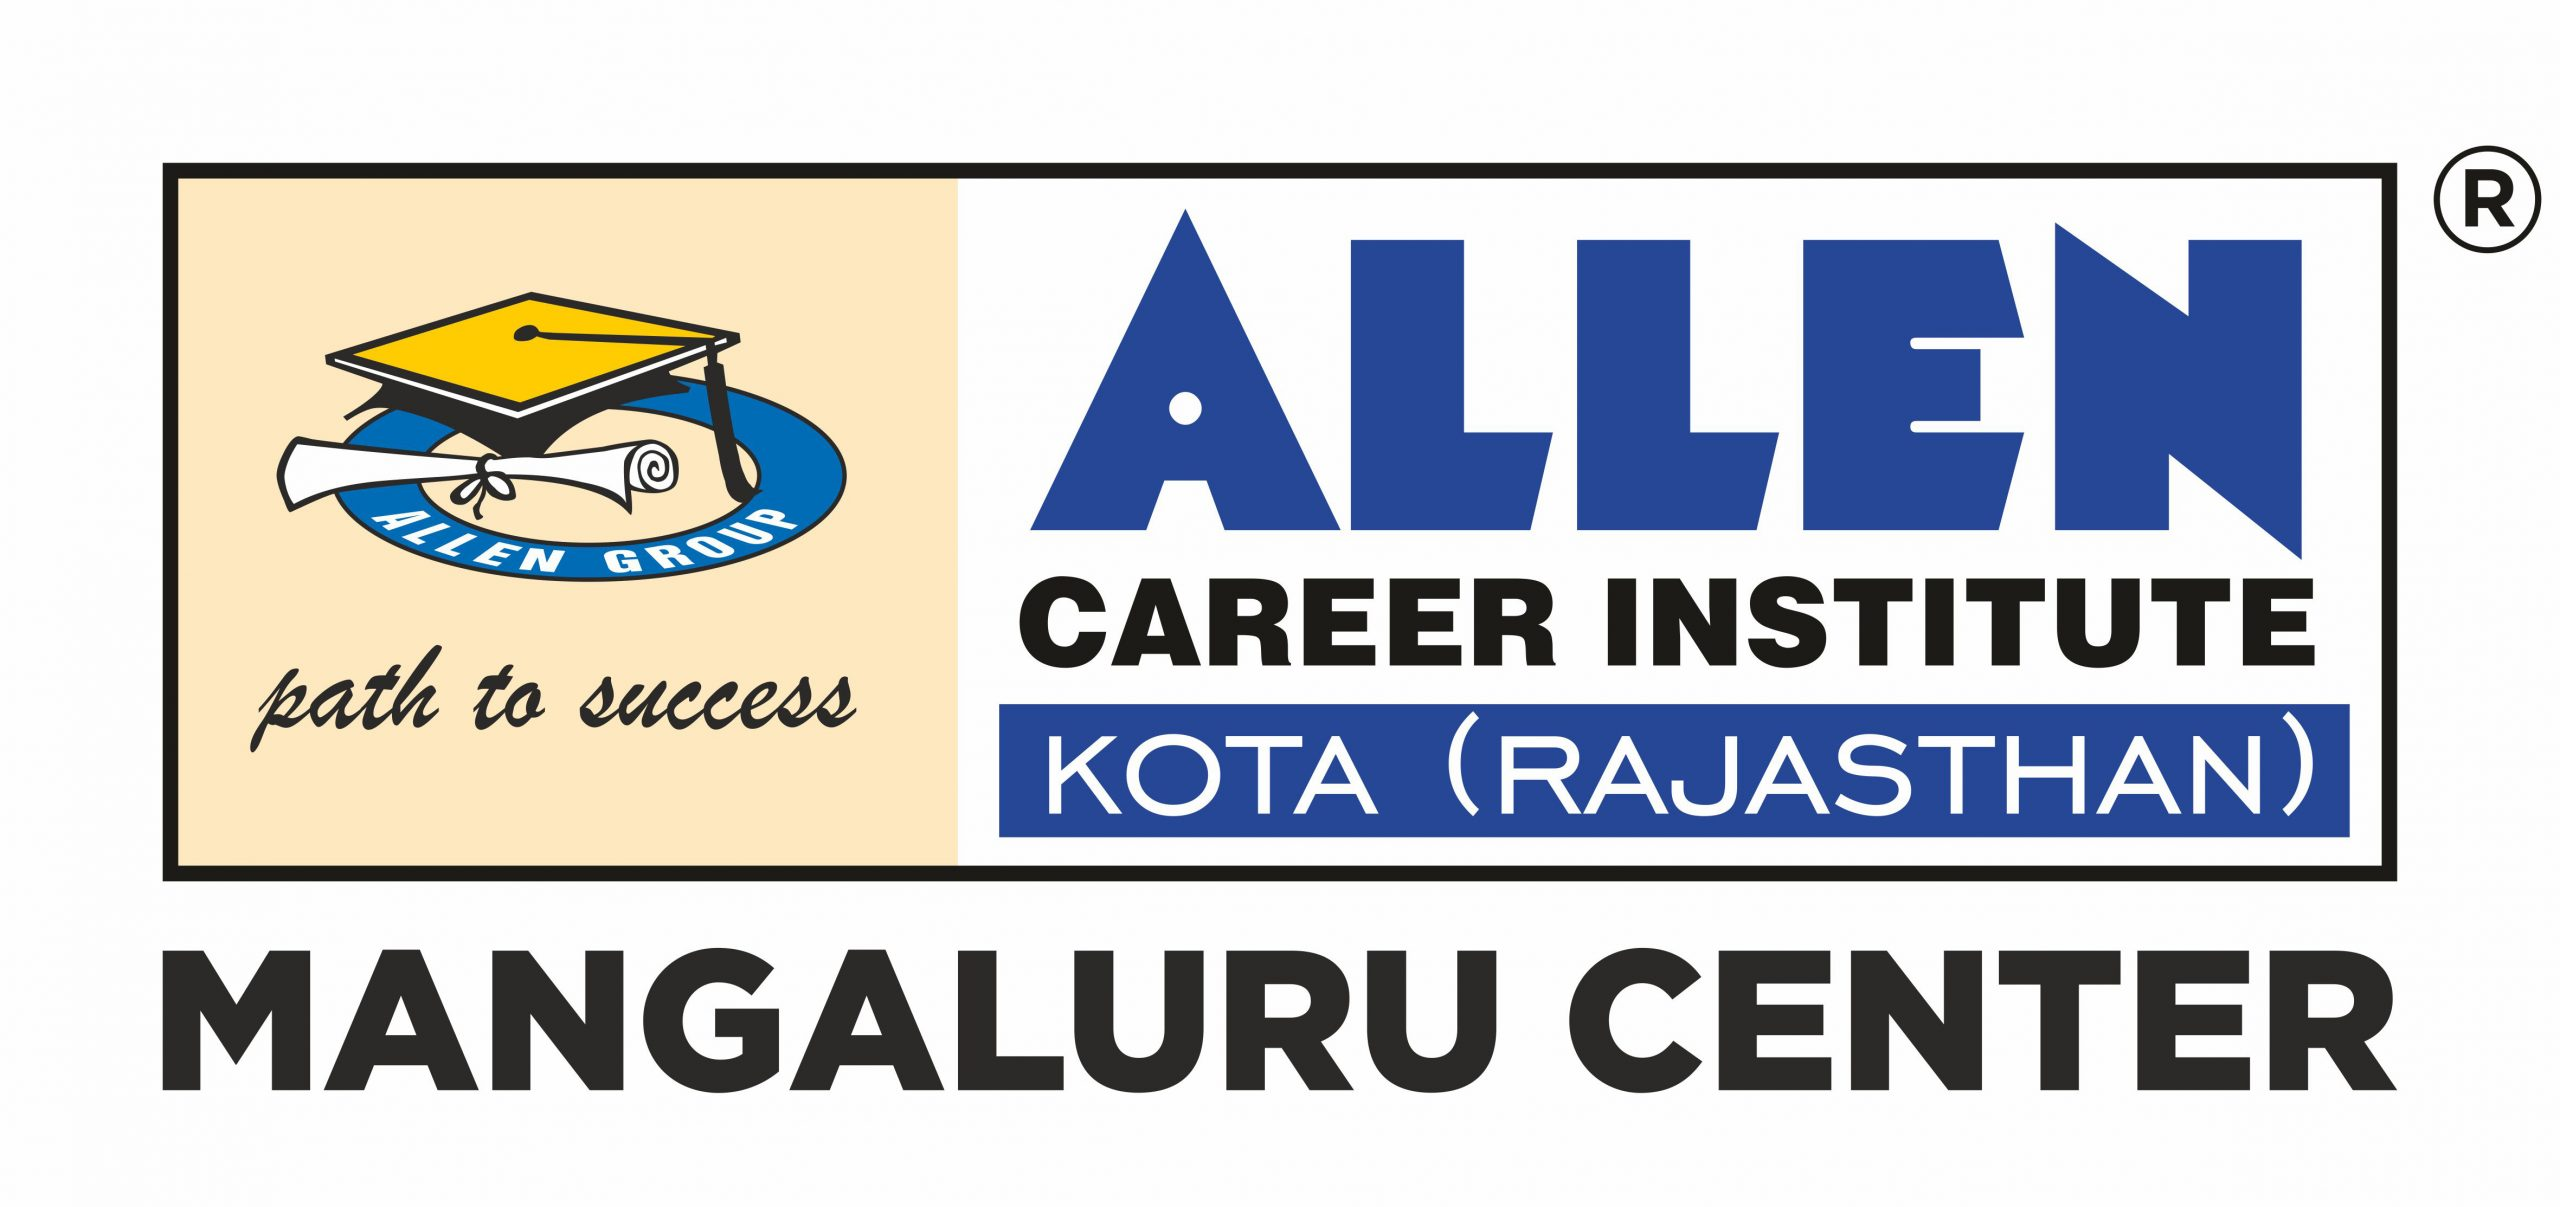 Allen Career Institute, KOTA RAJASTHAN